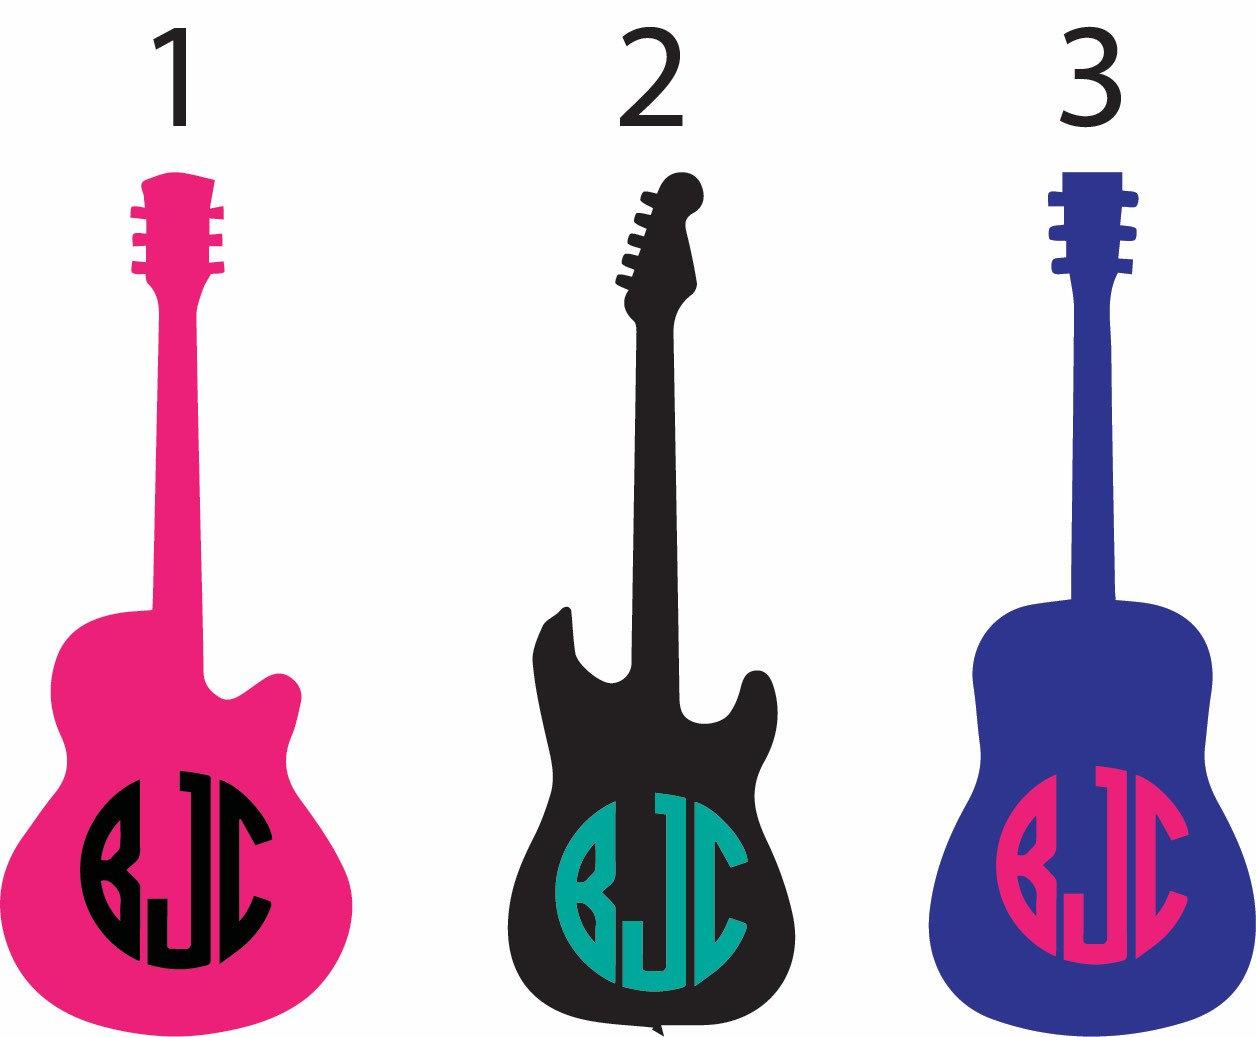 Guitar parts.